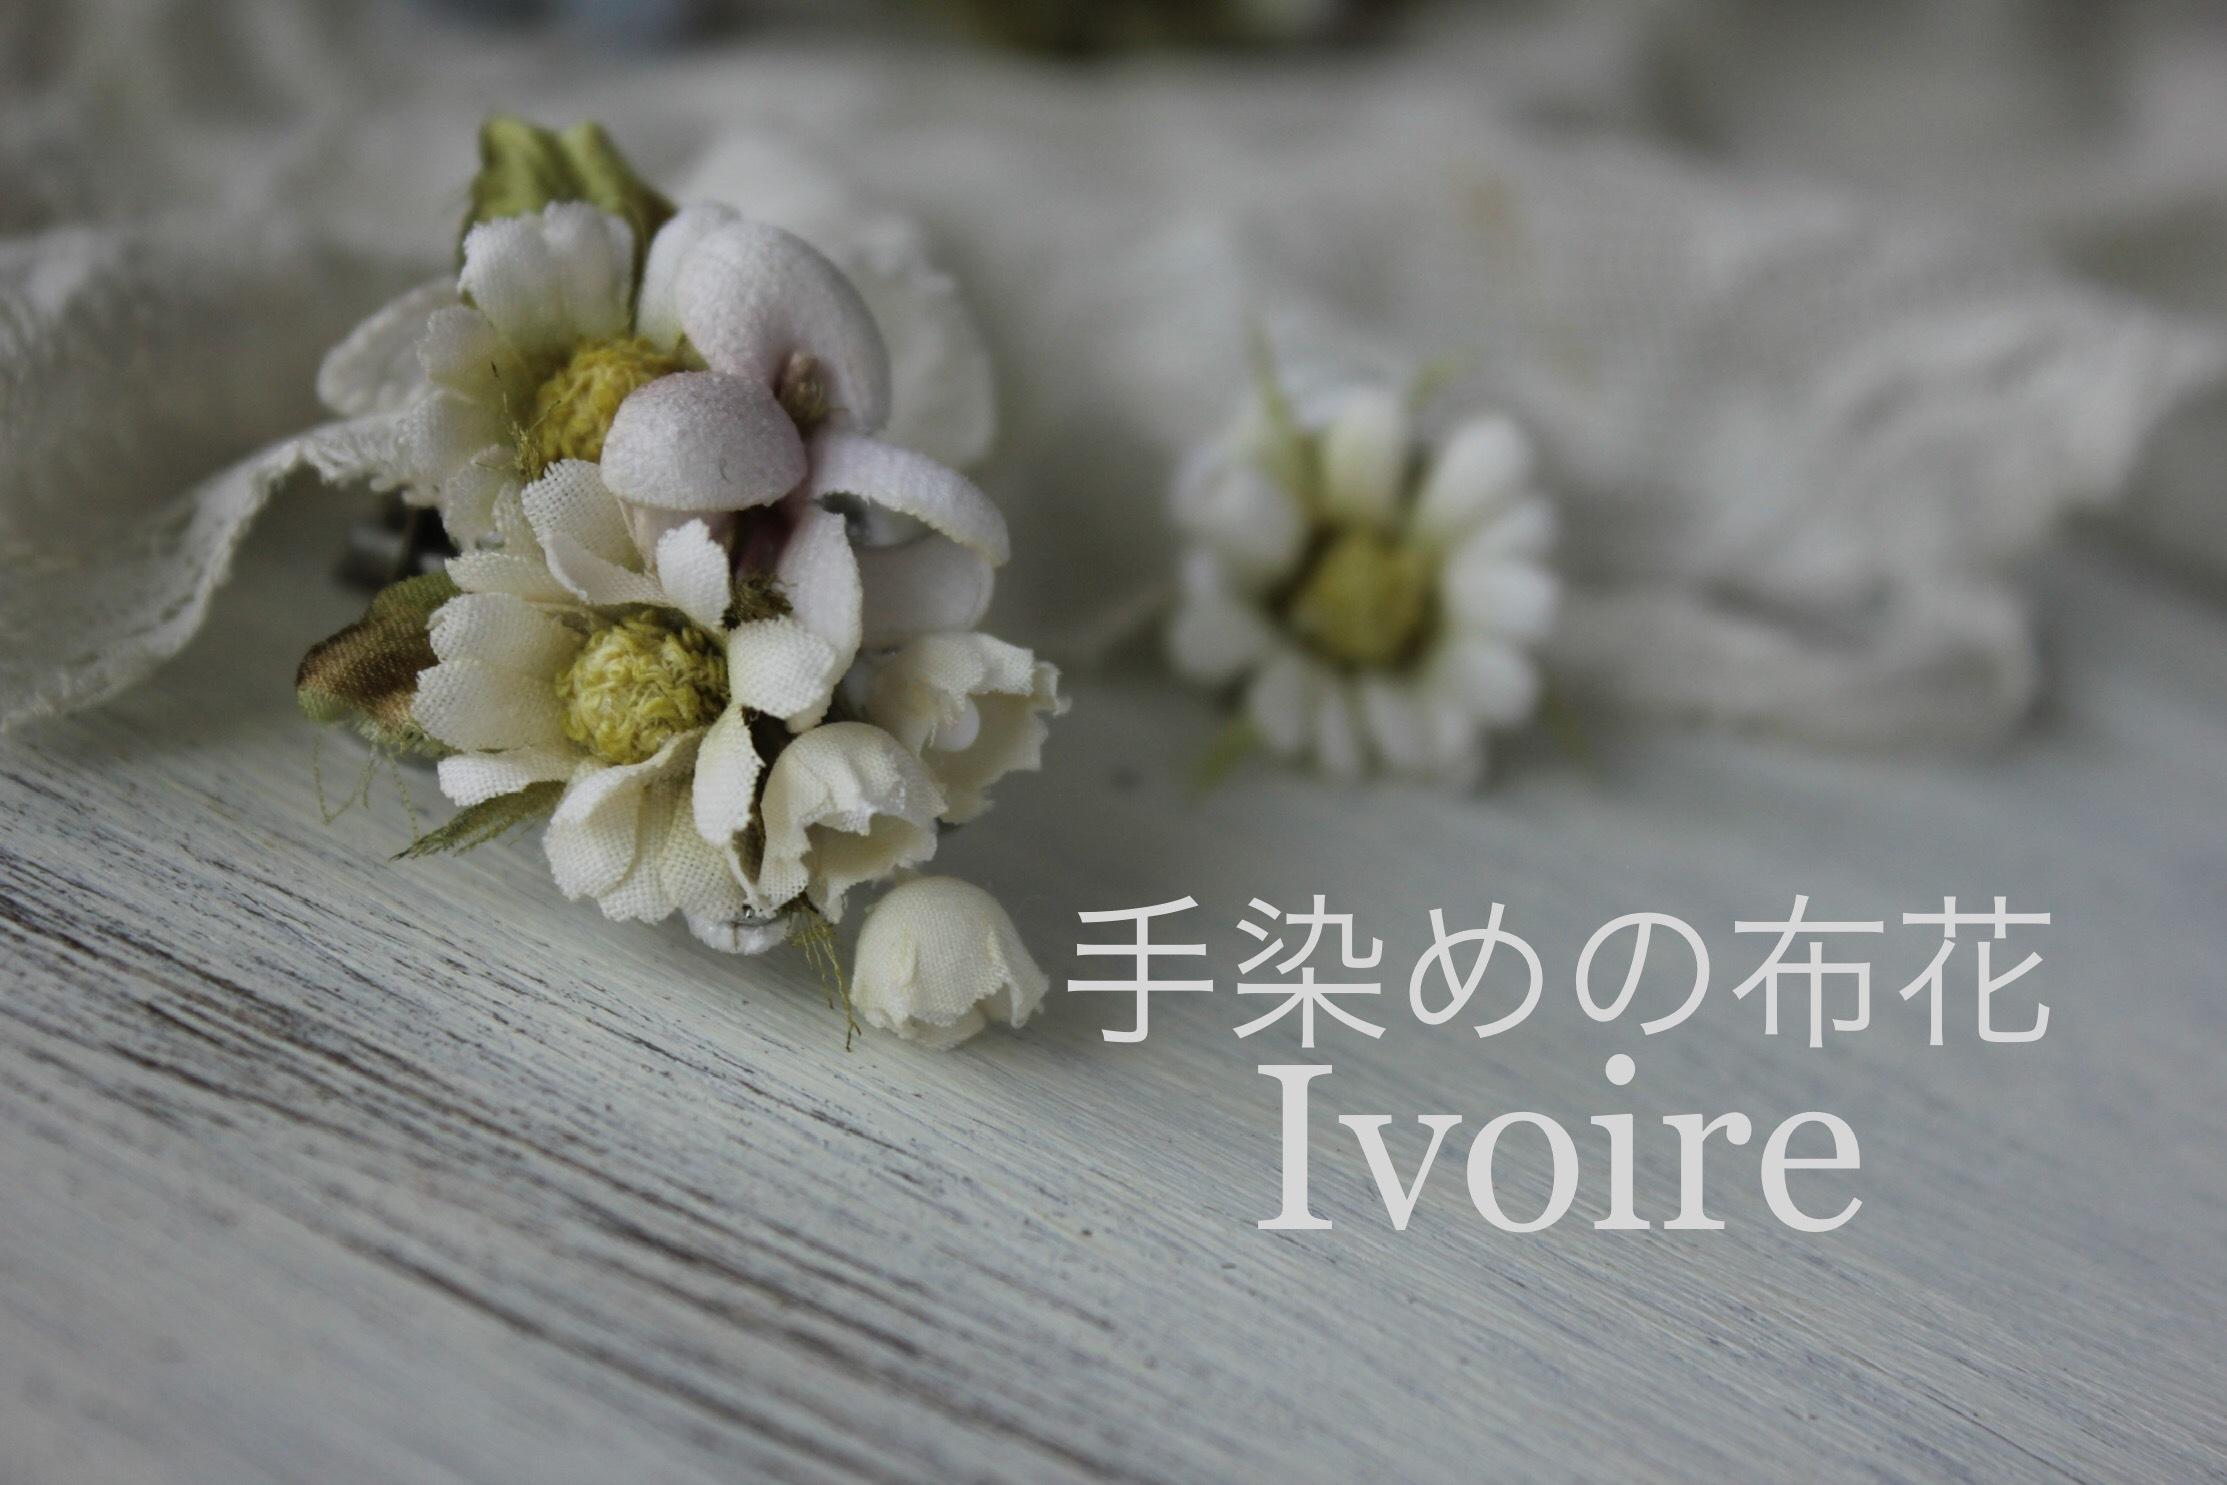 布花アクセサリー...♪*゚_f0372557_10440814.jpeg